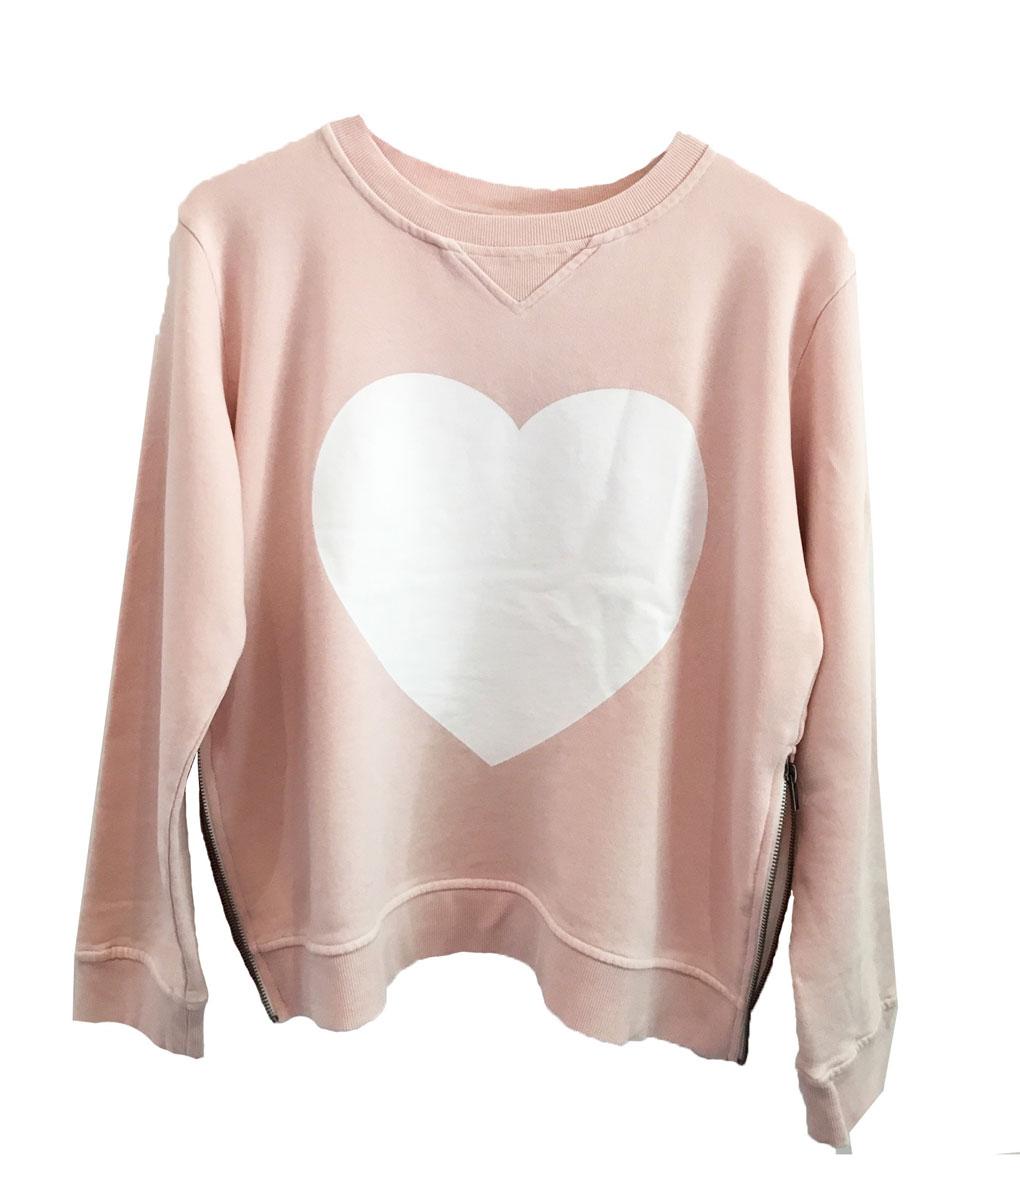 pink heart zip sweater